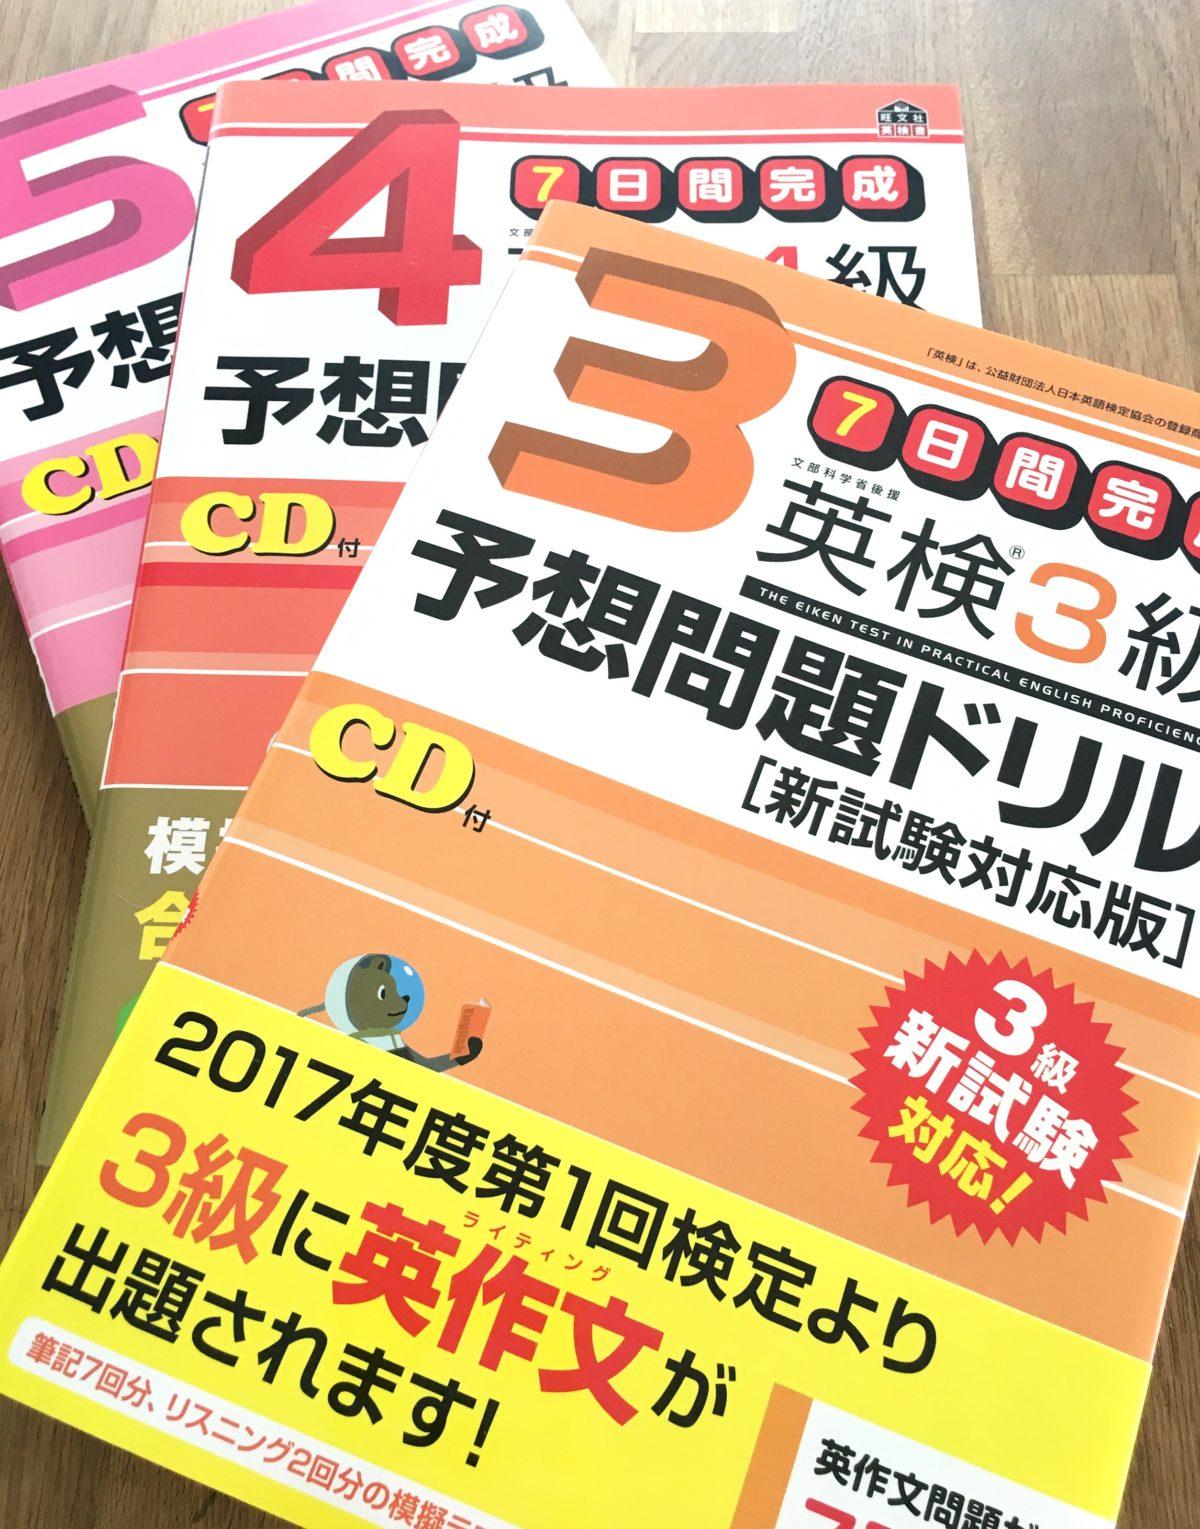 【ご相談】英検の受験級、3級と4級で迷っています